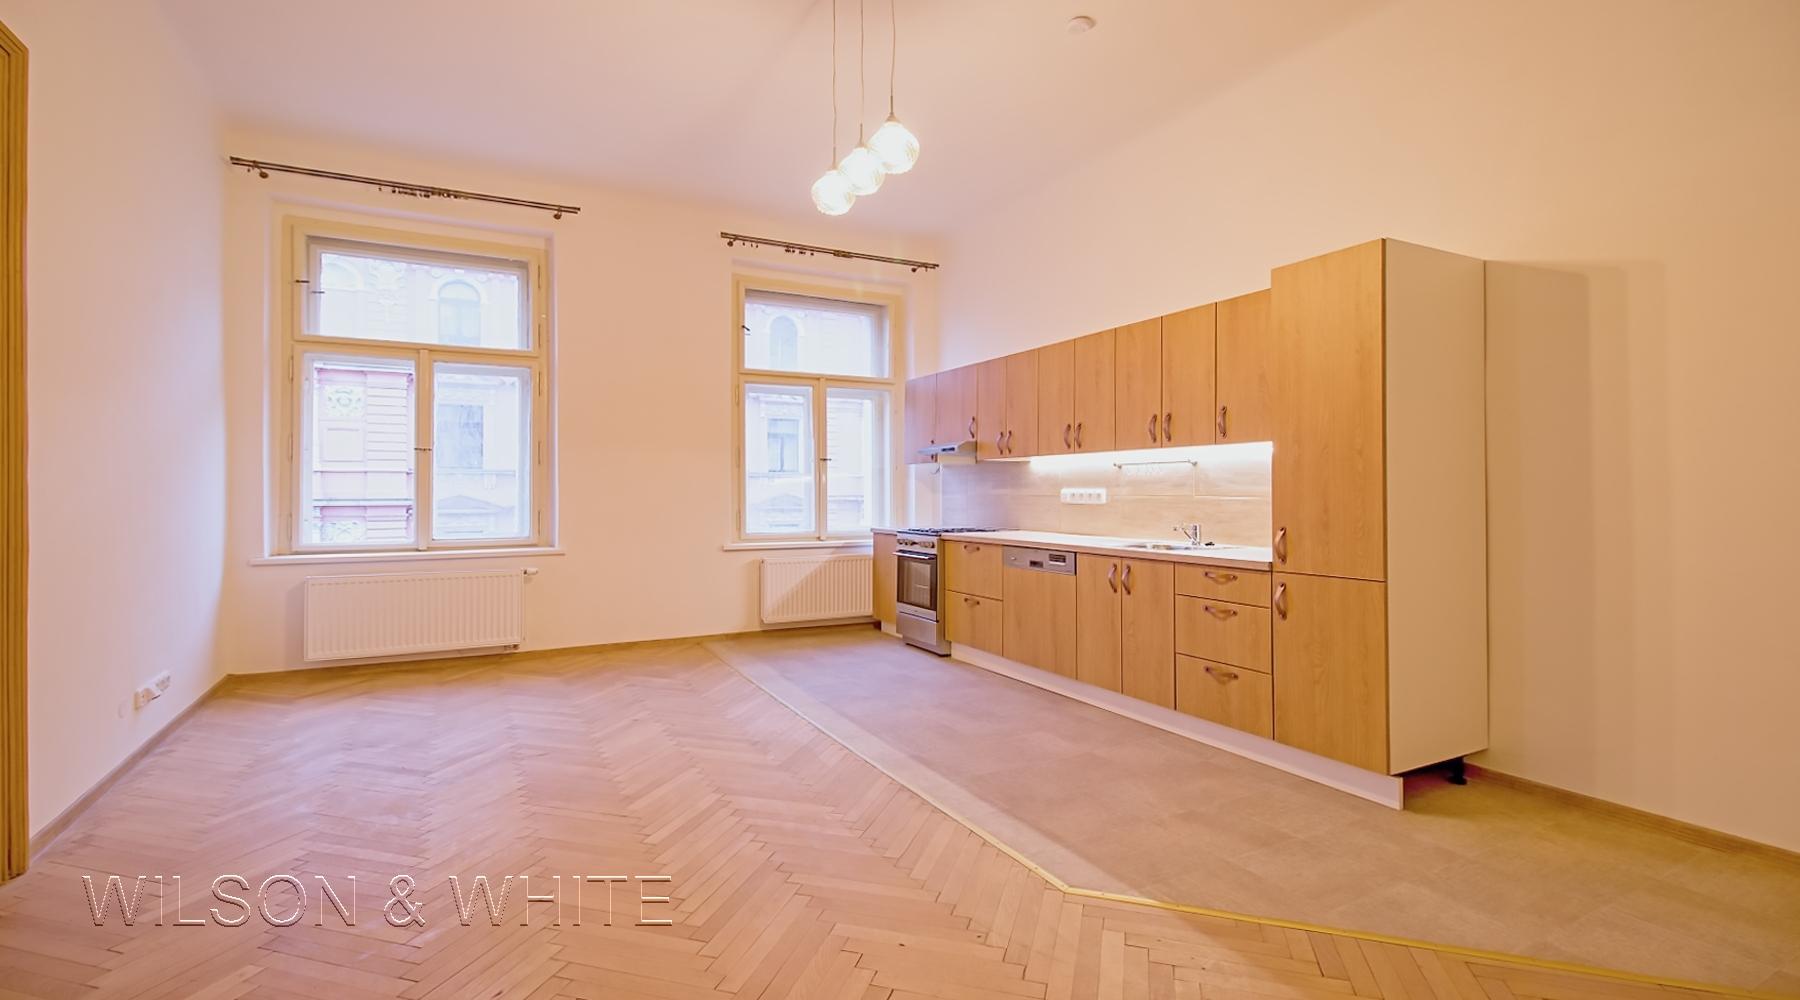 kuchyn a pokoj 7